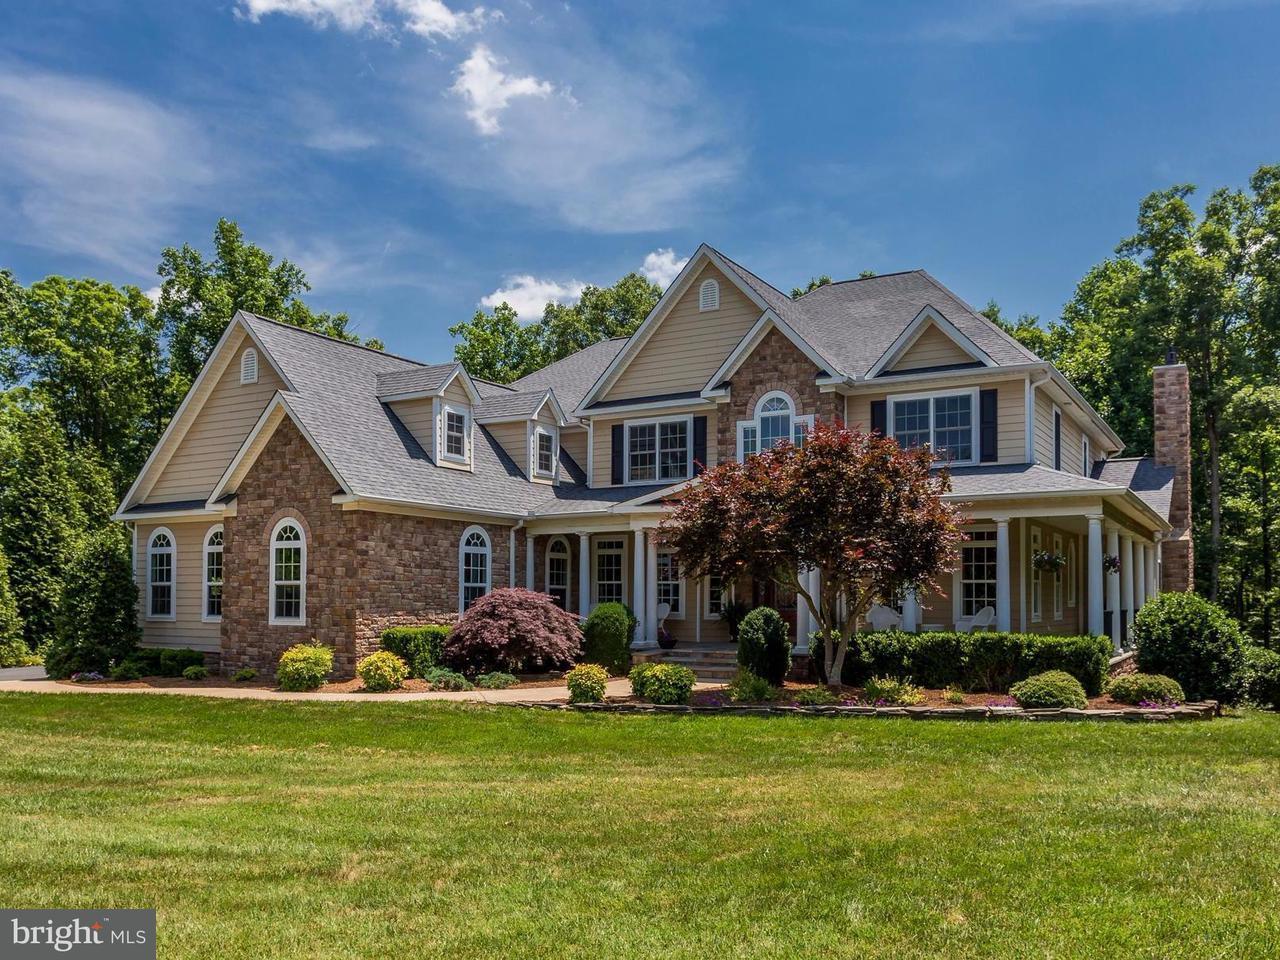 一戸建て のために 売買 アット 11404 Bluffs Ridge 11404 Bluffs Ridge Spotsylvania, バージニア 22551 アメリカ合衆国